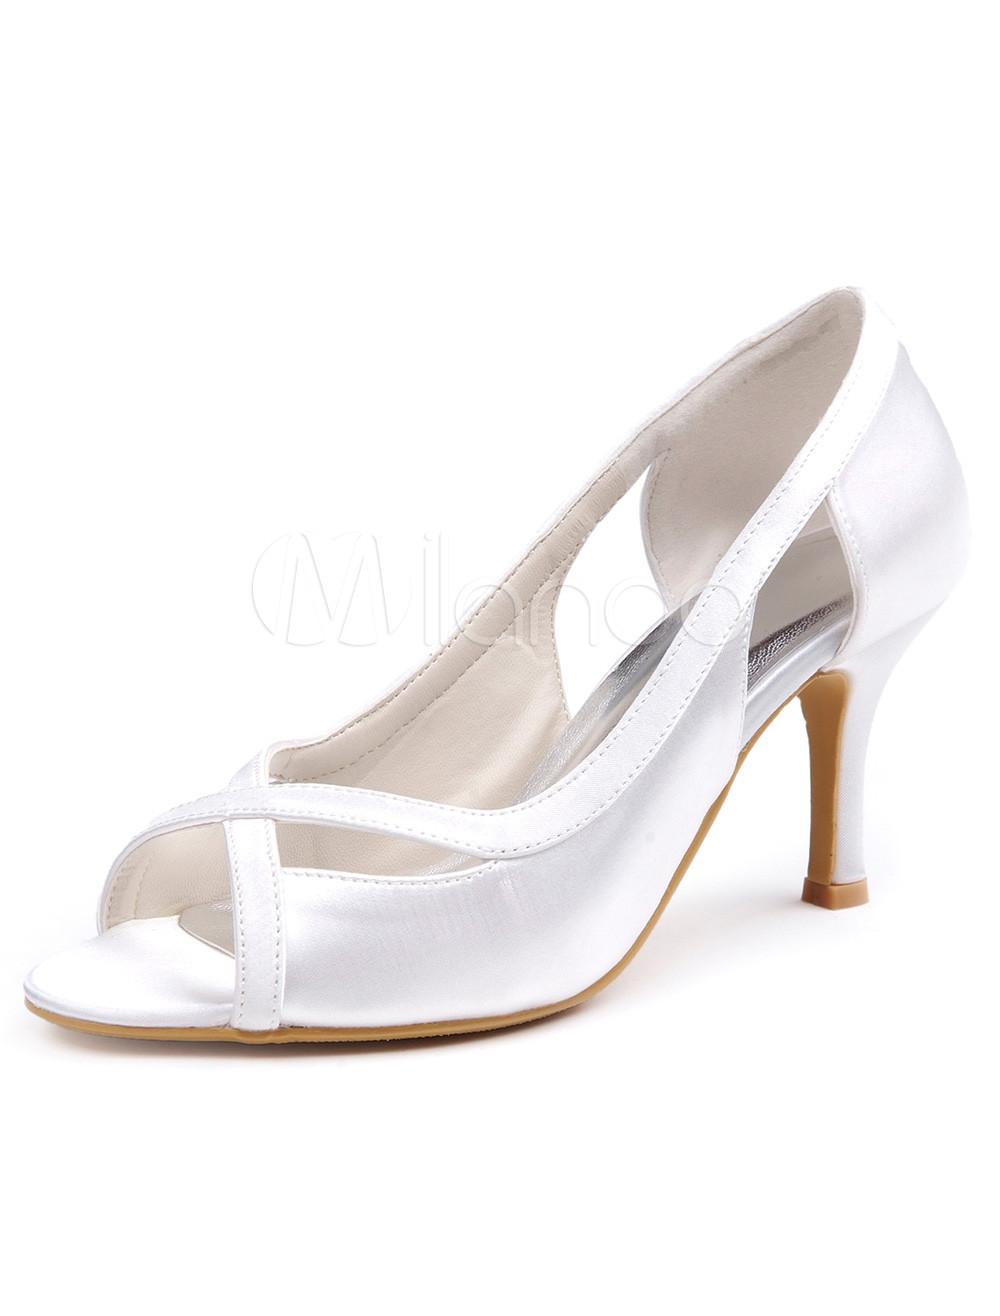 Soie blanche et Satin découpe chaussures de soirée de la femme de Peep Toe